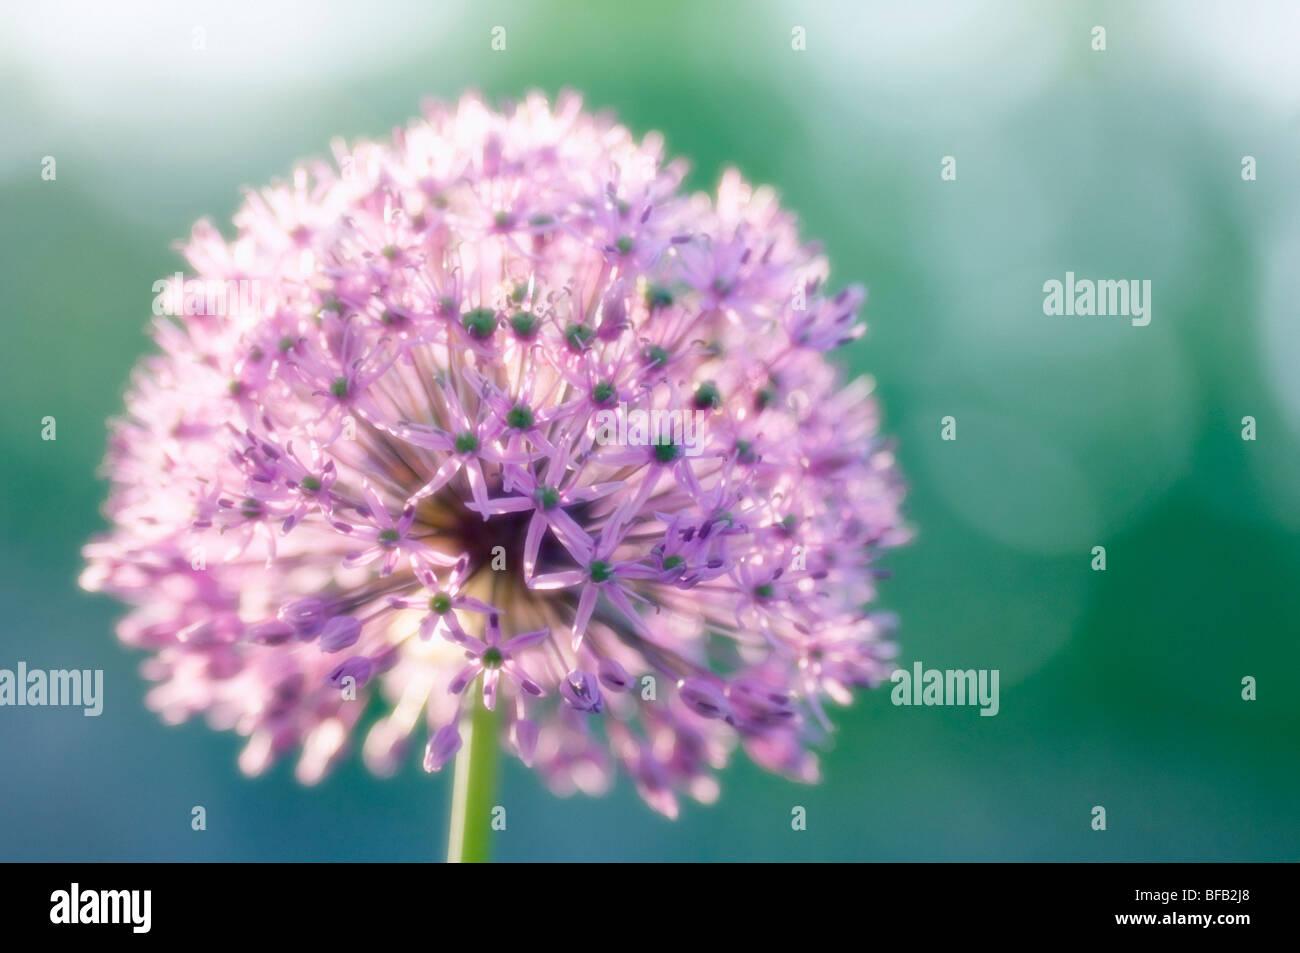 Giant allium, Allium giganteum, Purple spherical flower of ornamental onion. Stock Photo